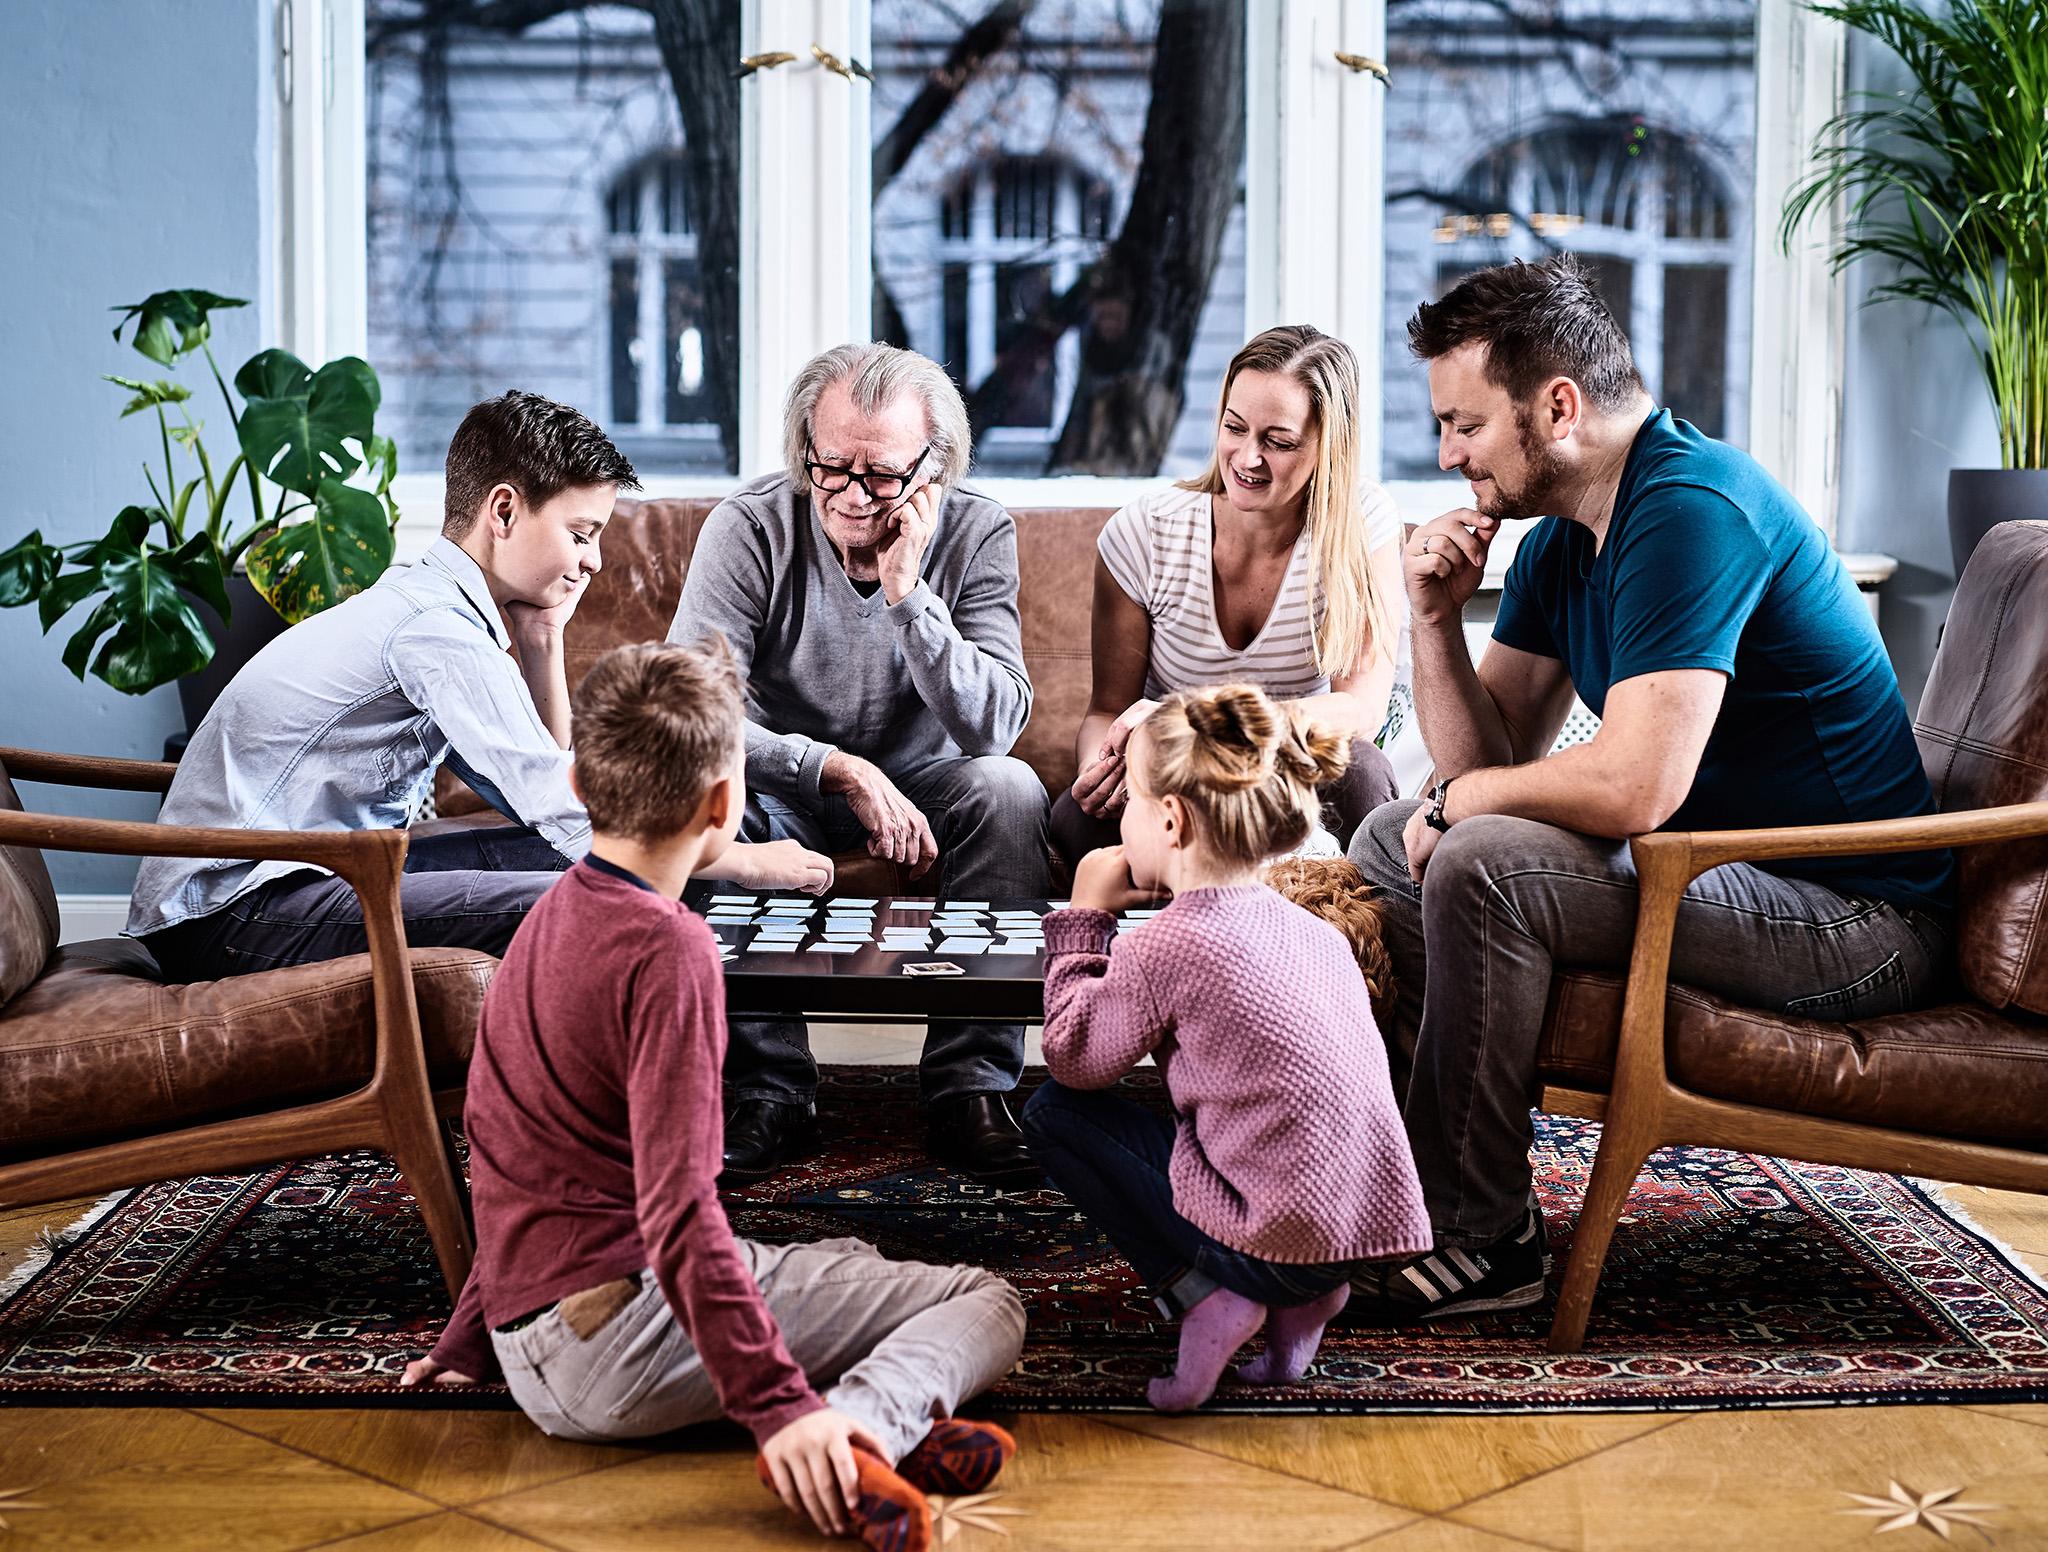 Eine Familie sitzt am Tisch und spielt